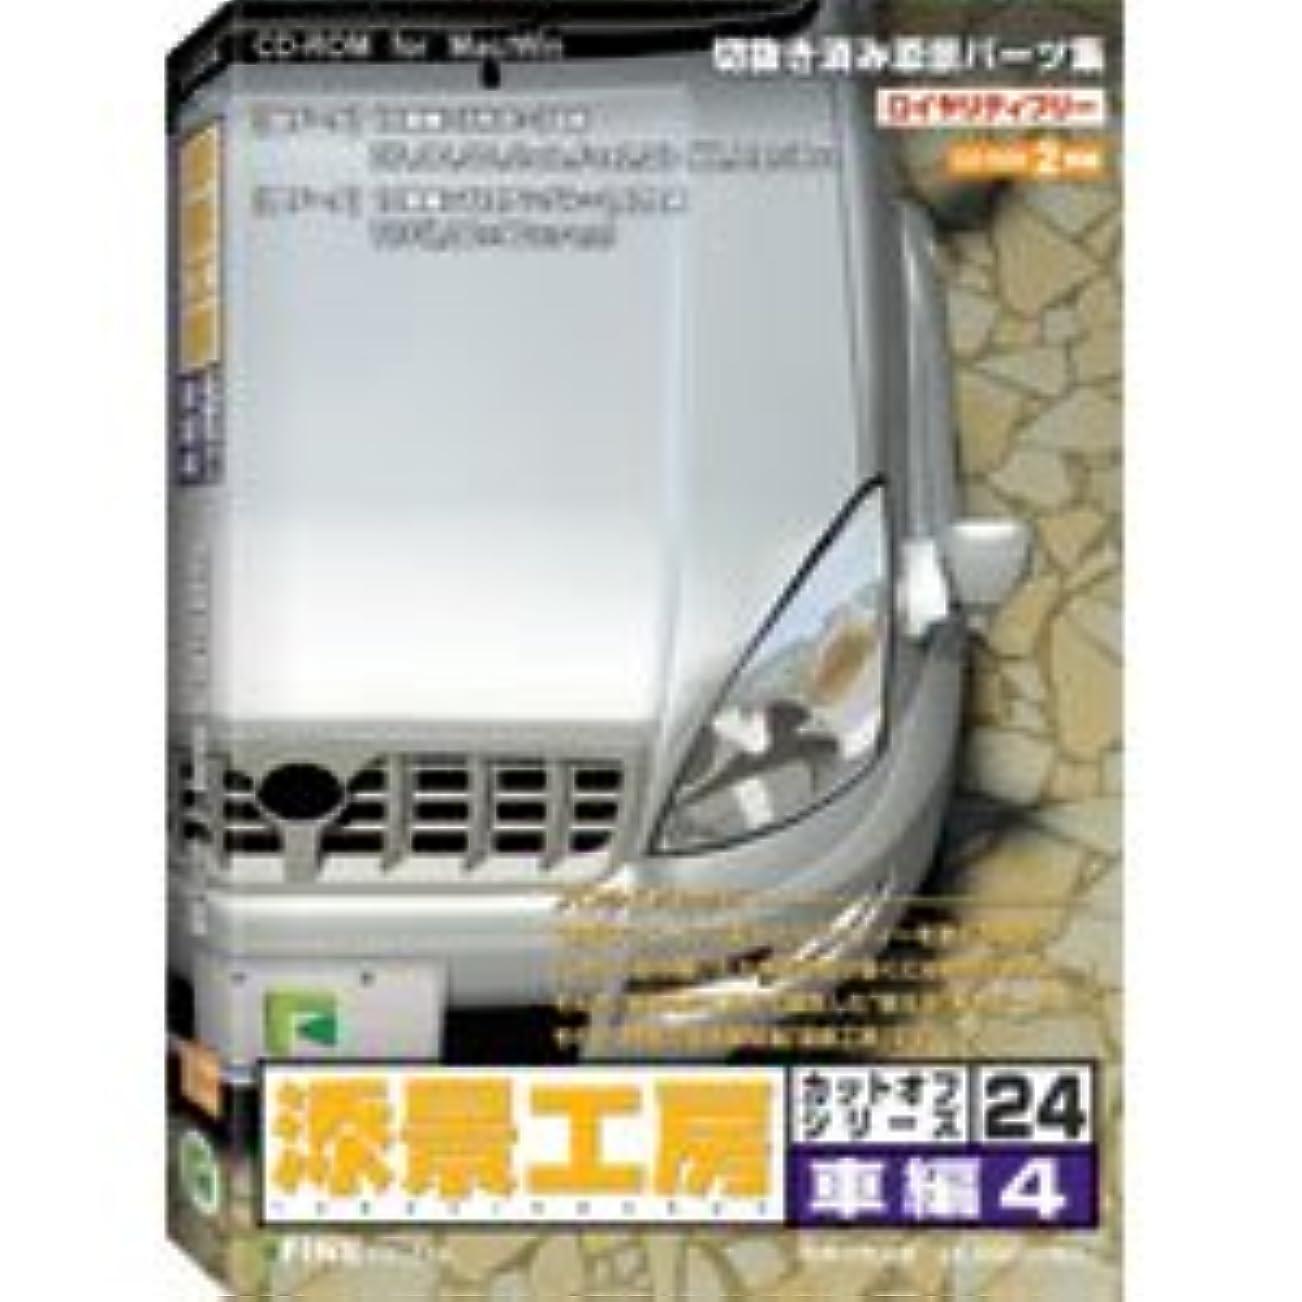 シャイニング前売手荷物添景工房カットオフシリーズ24 車編4